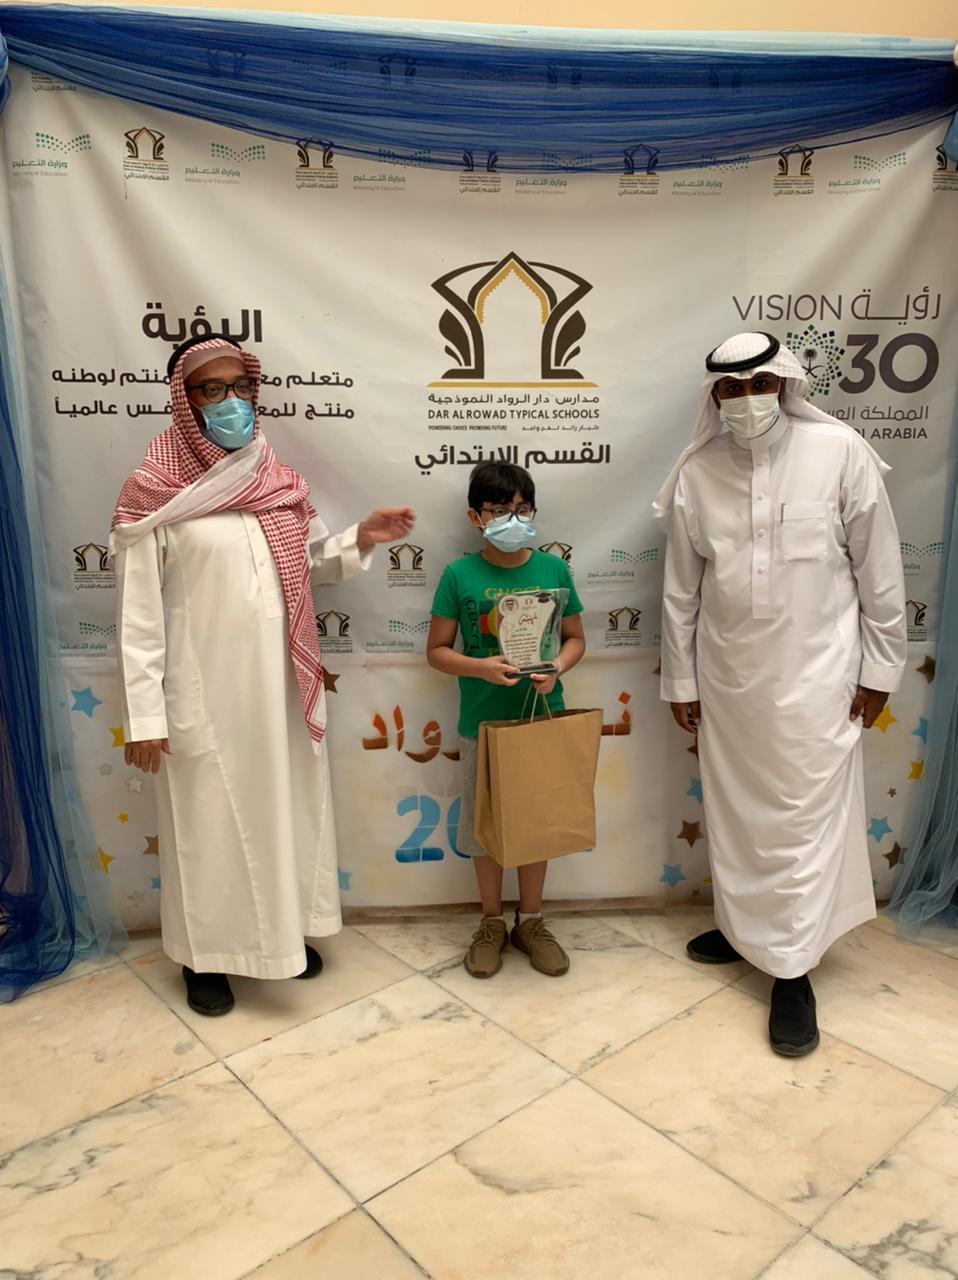 يسعد القسم الابتدائي أن يقوم بتكريم هؤلاء الأشبال المبدعين الرائعين الذين شاركوا في المسابقات المختلفة للغة العربية